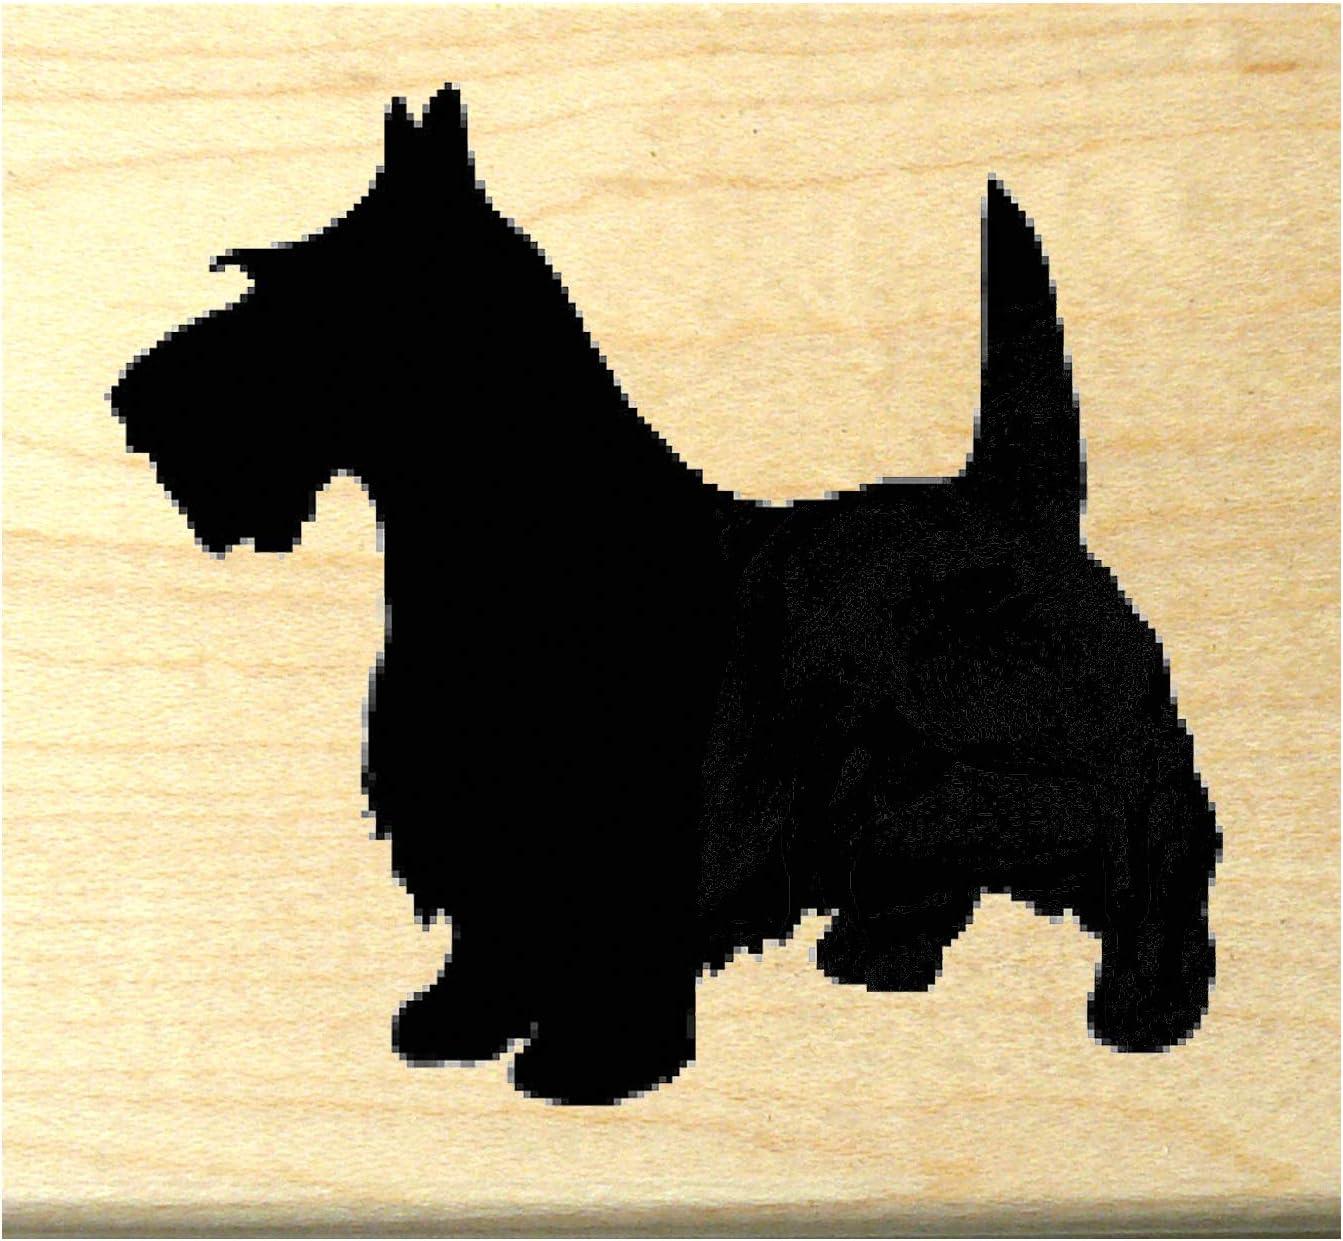 Black or White Baby Children Craft Scottie Dog Plastic with Shank X5